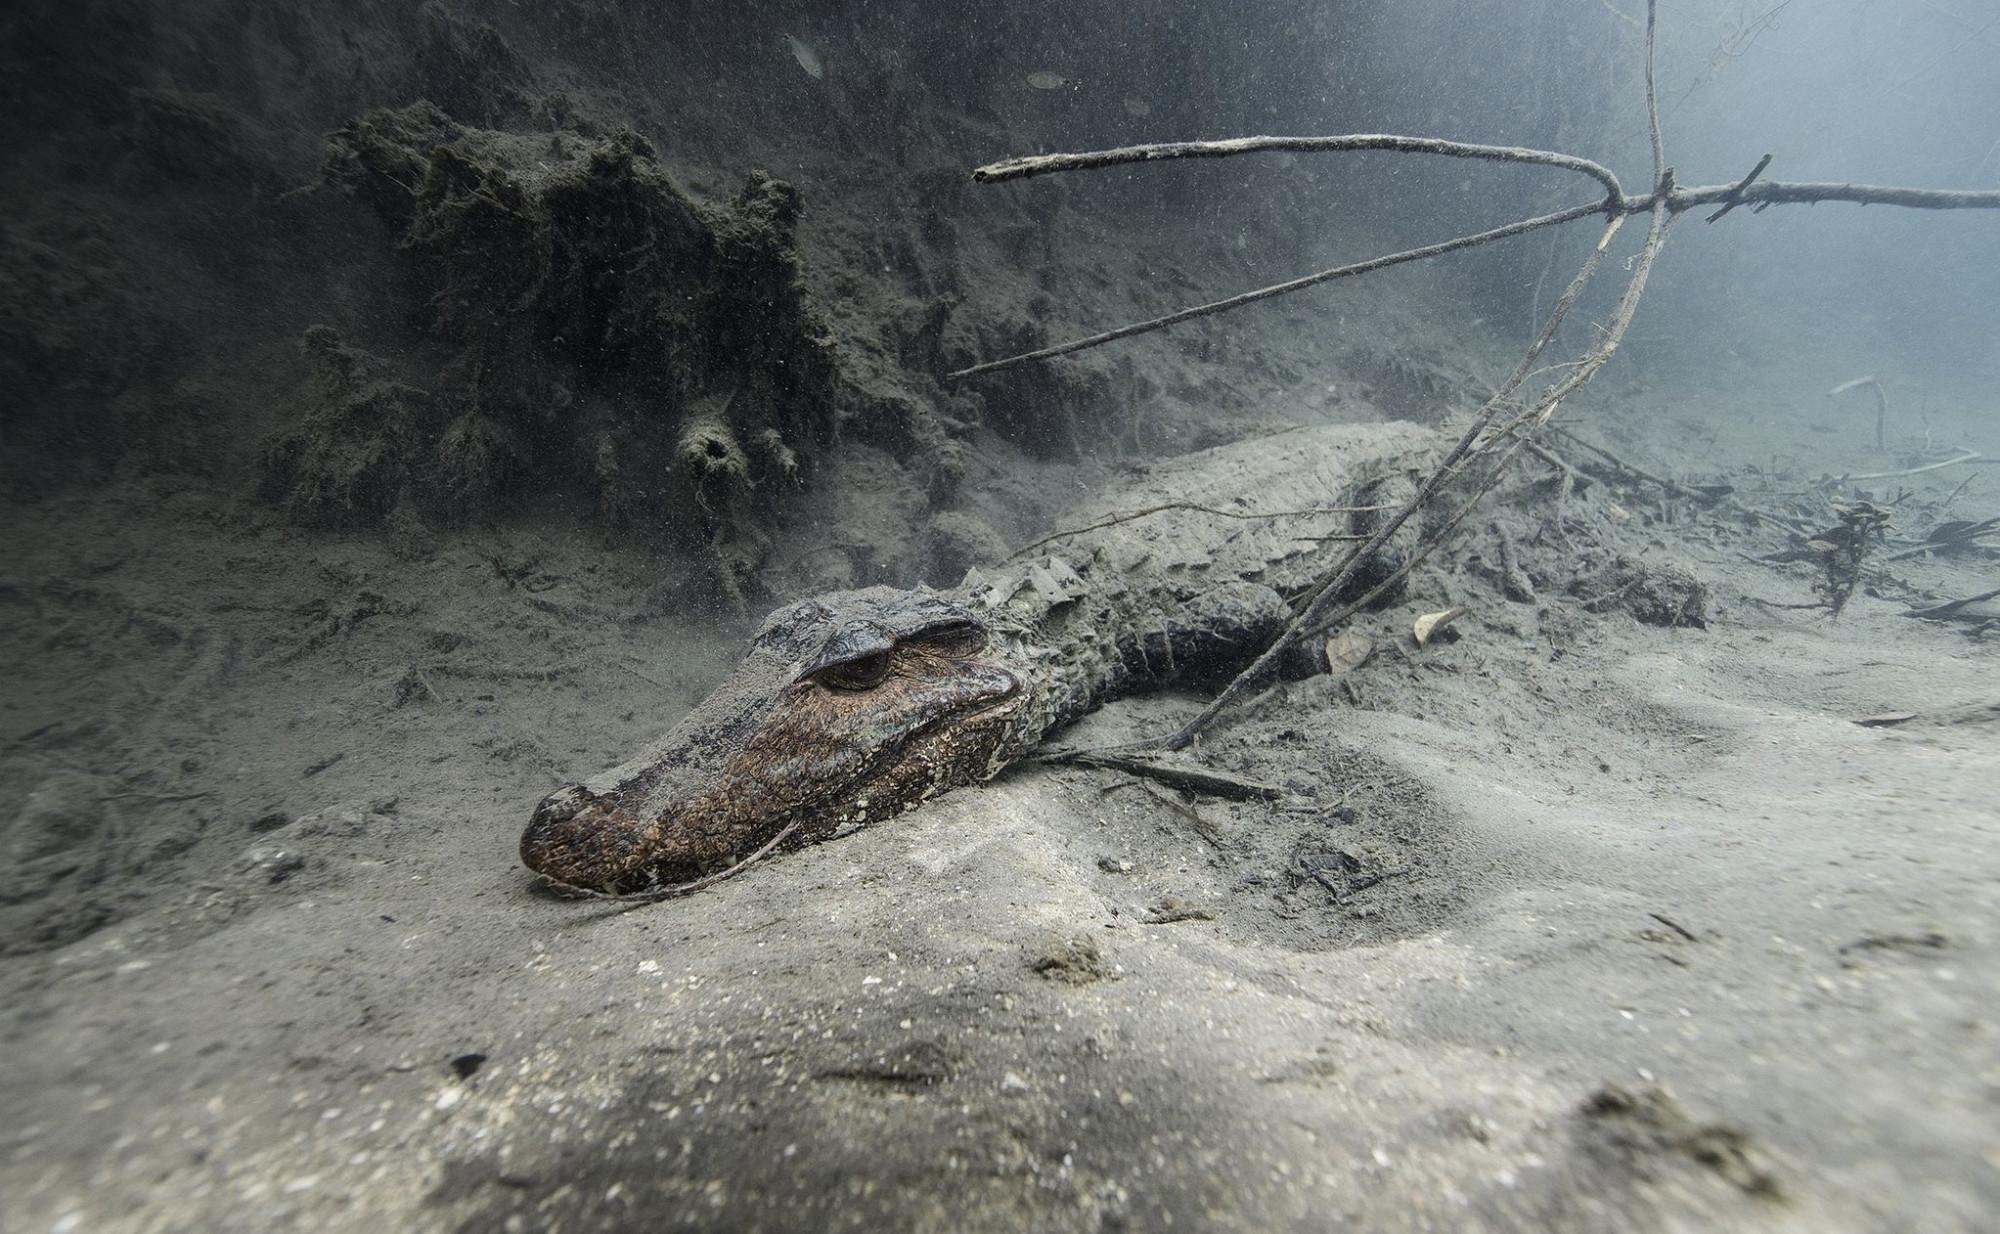 地球之肺亚马逊雨林,动物的天堂却成为人类禁区,到底有多恐怖?